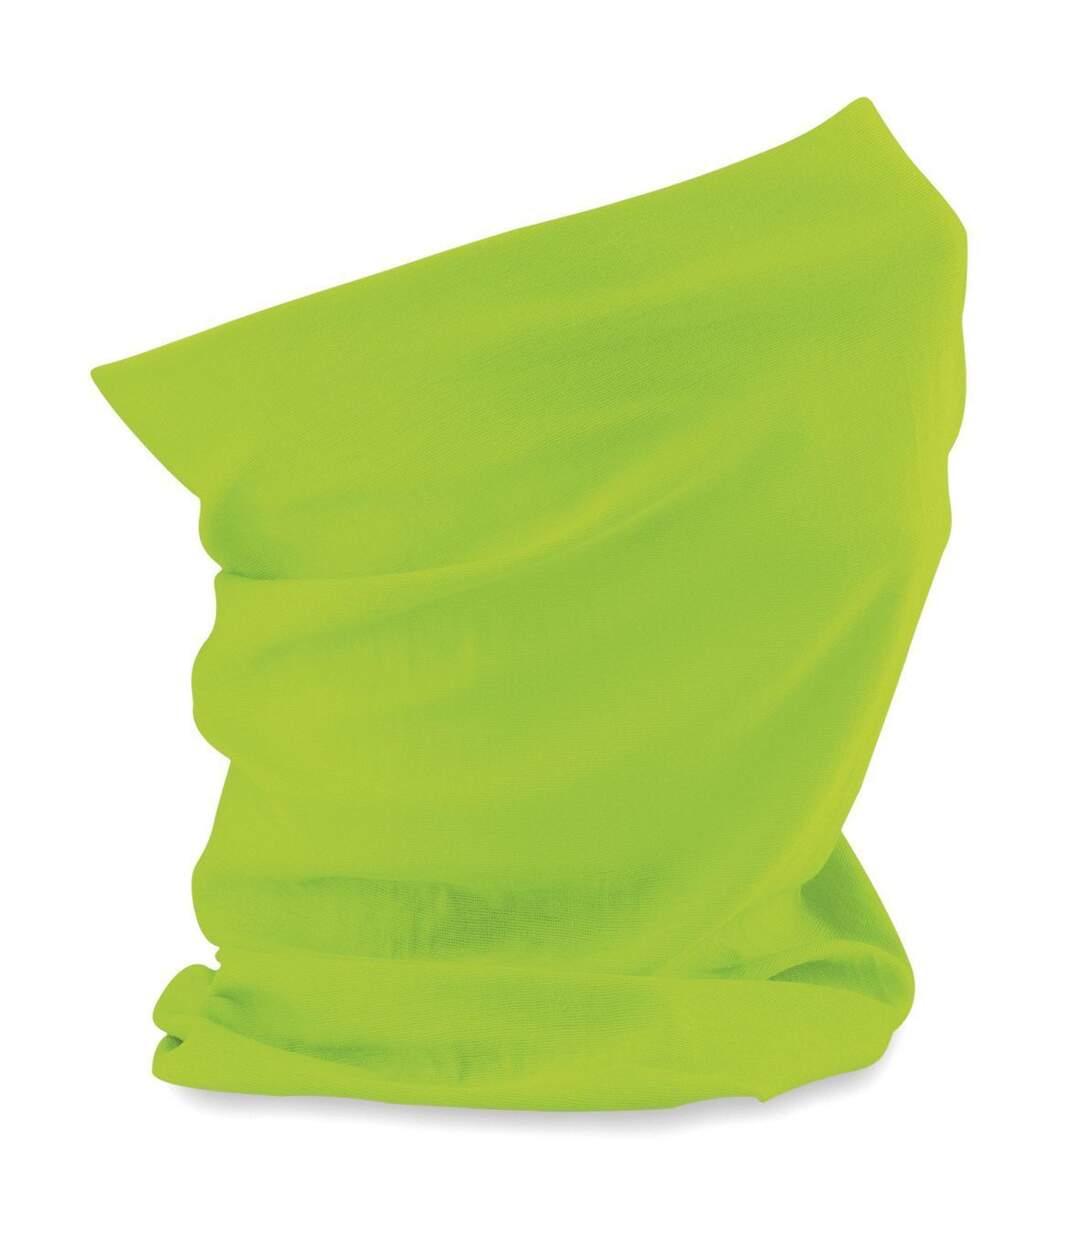 Echarpe tubulaire - tour de cou adulte - B900 - vert lime